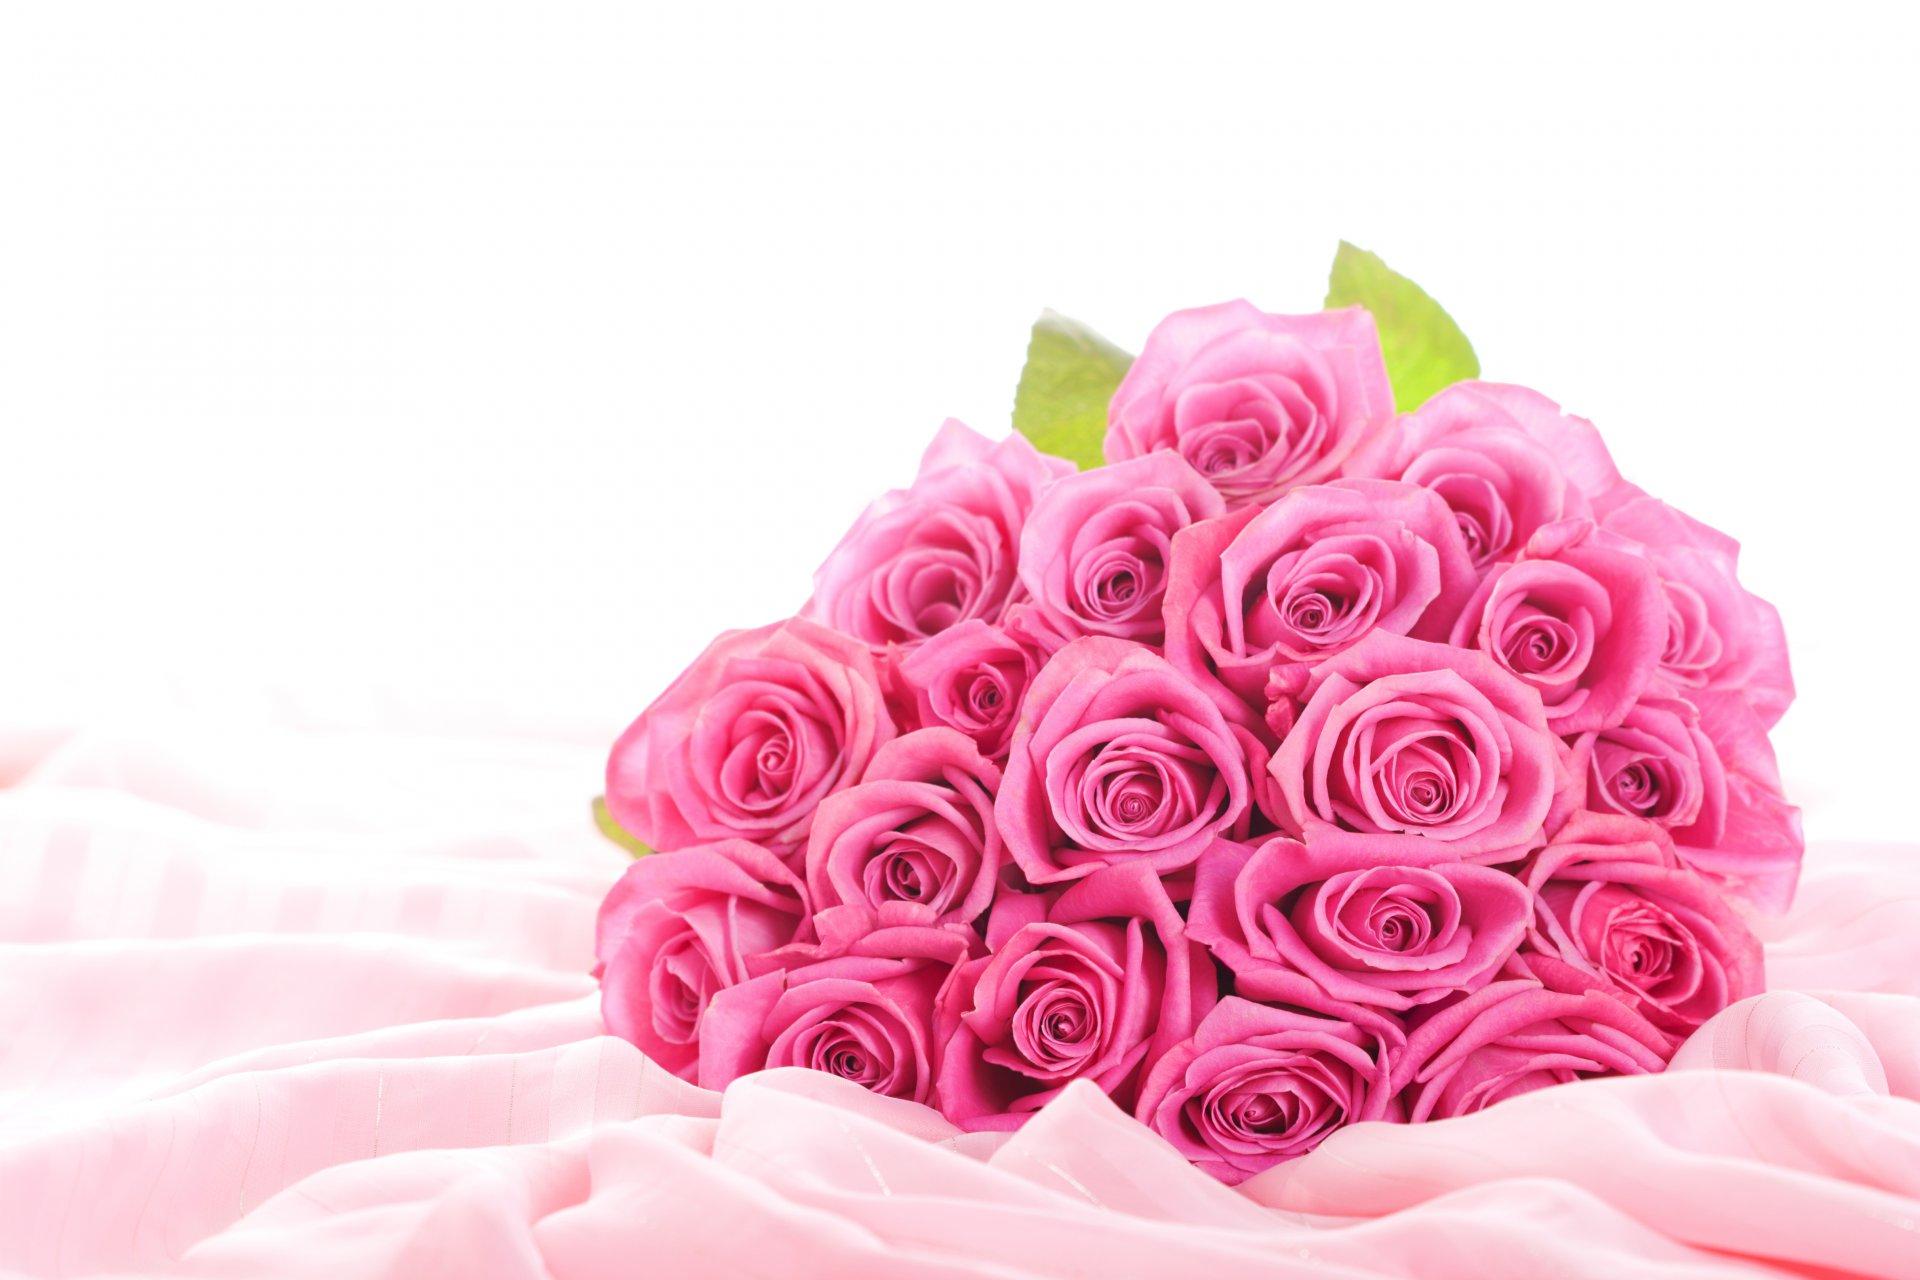 Фото на рабочий стол во весь экран цветы розы